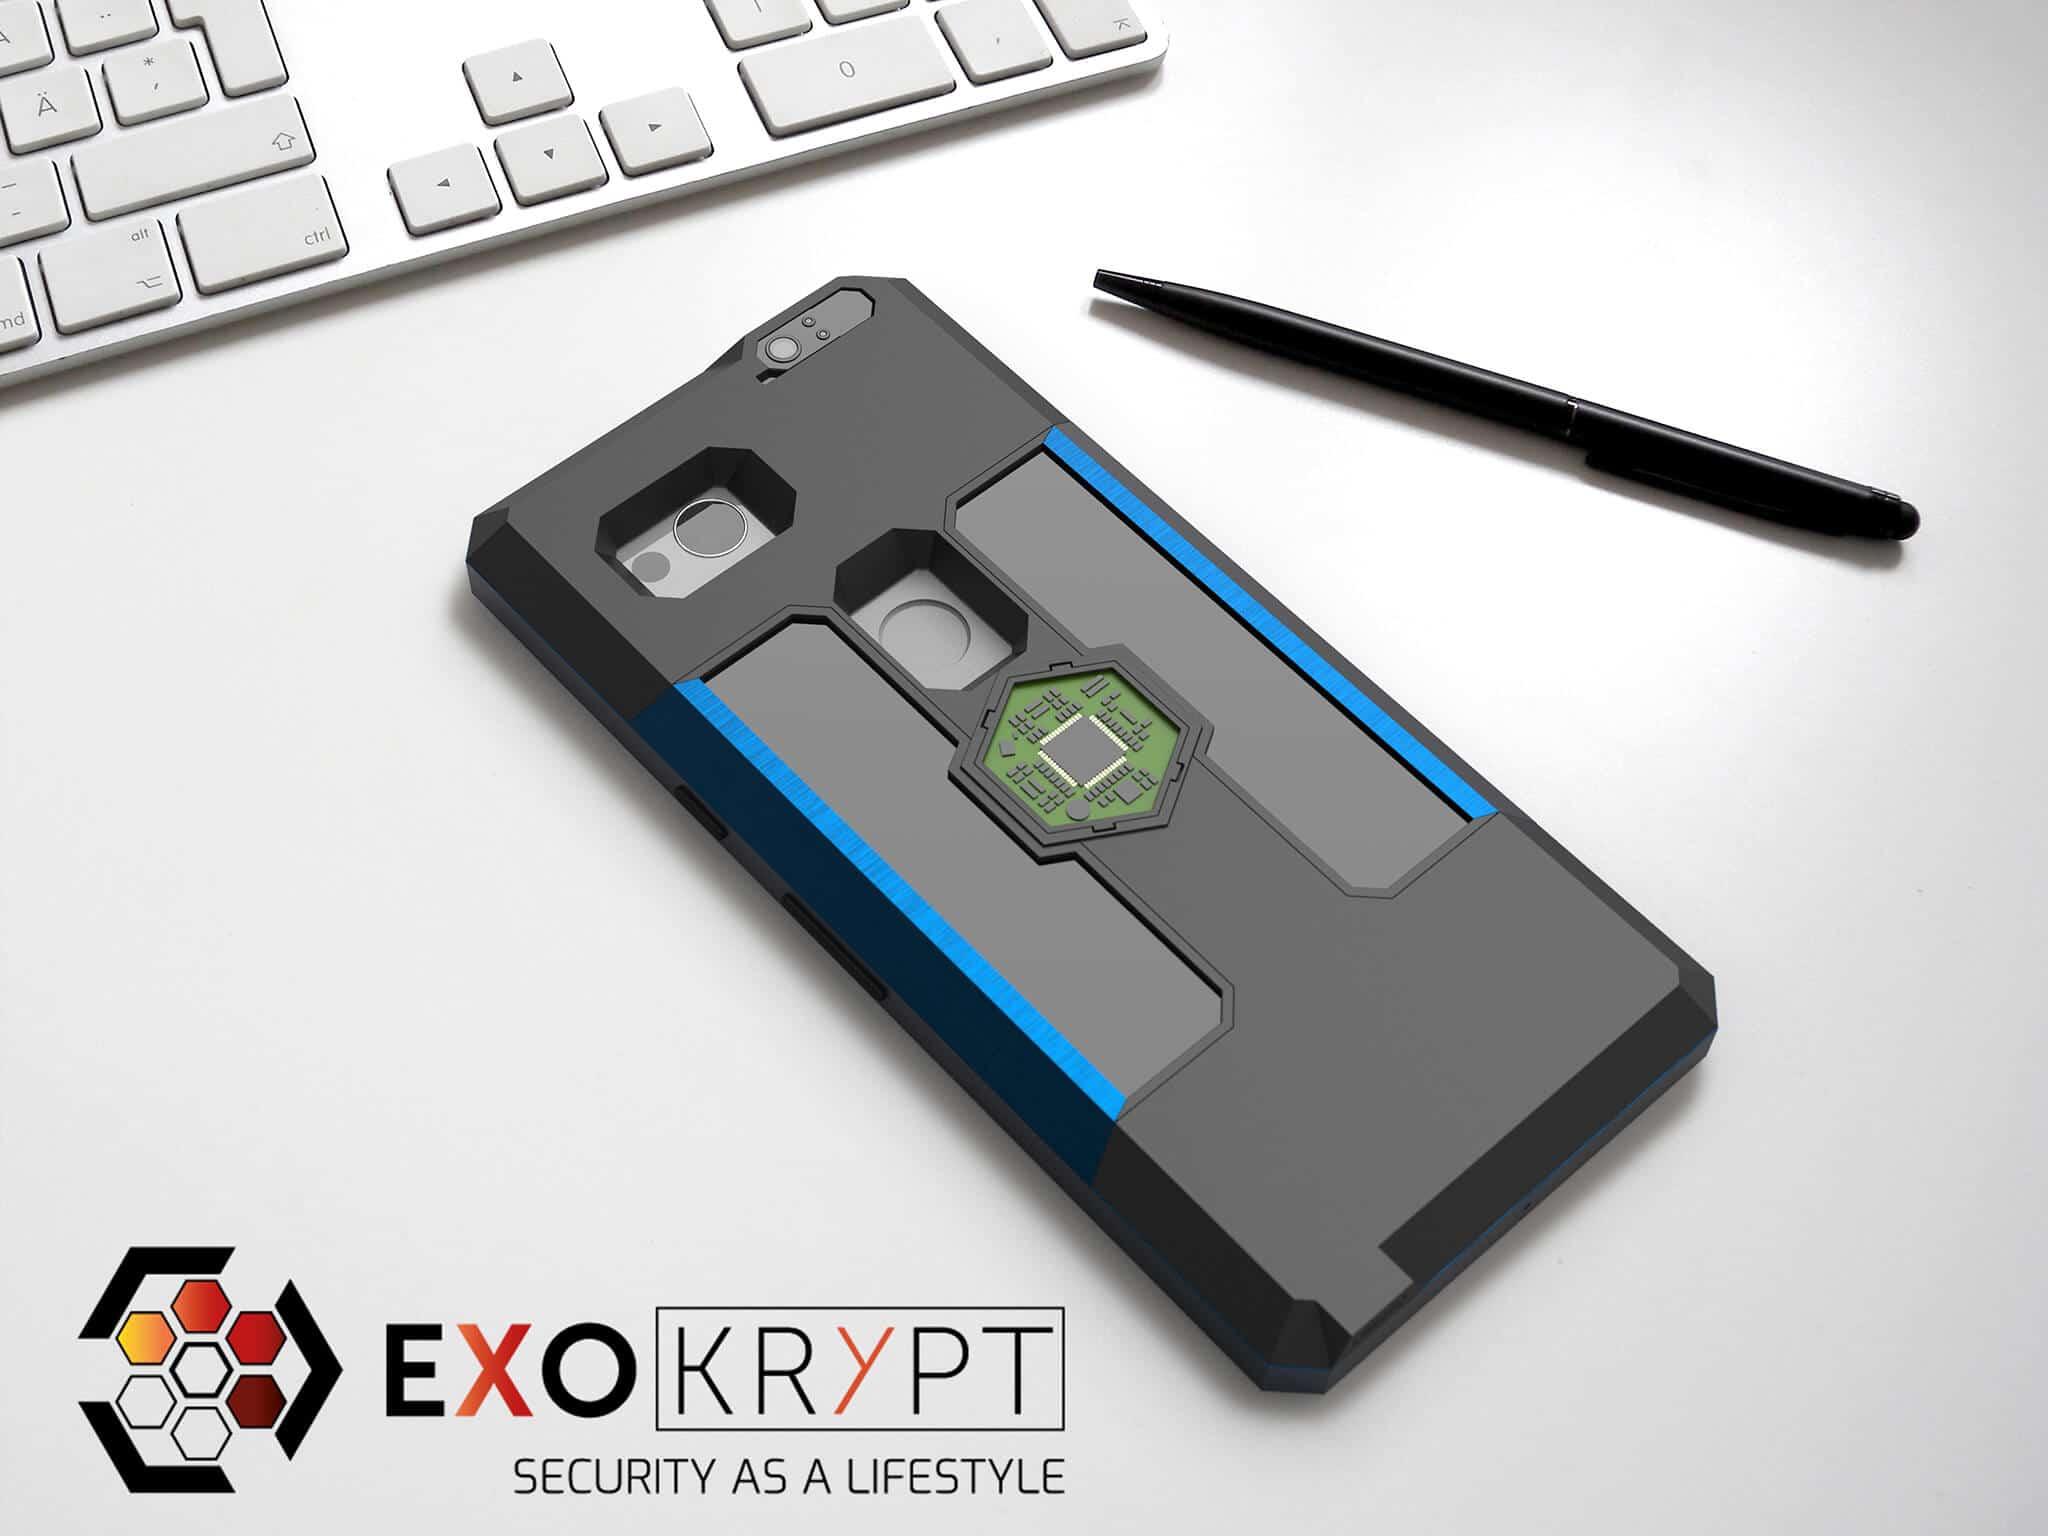 ExoShield BUSINESS Smartphone Case - Brushed Blue Metal Frame - Schwarze Inlets auf einem Tisch auf einem Papierblatt liegend mit Kugelschreiber daneben, Mac Tastatur darüber